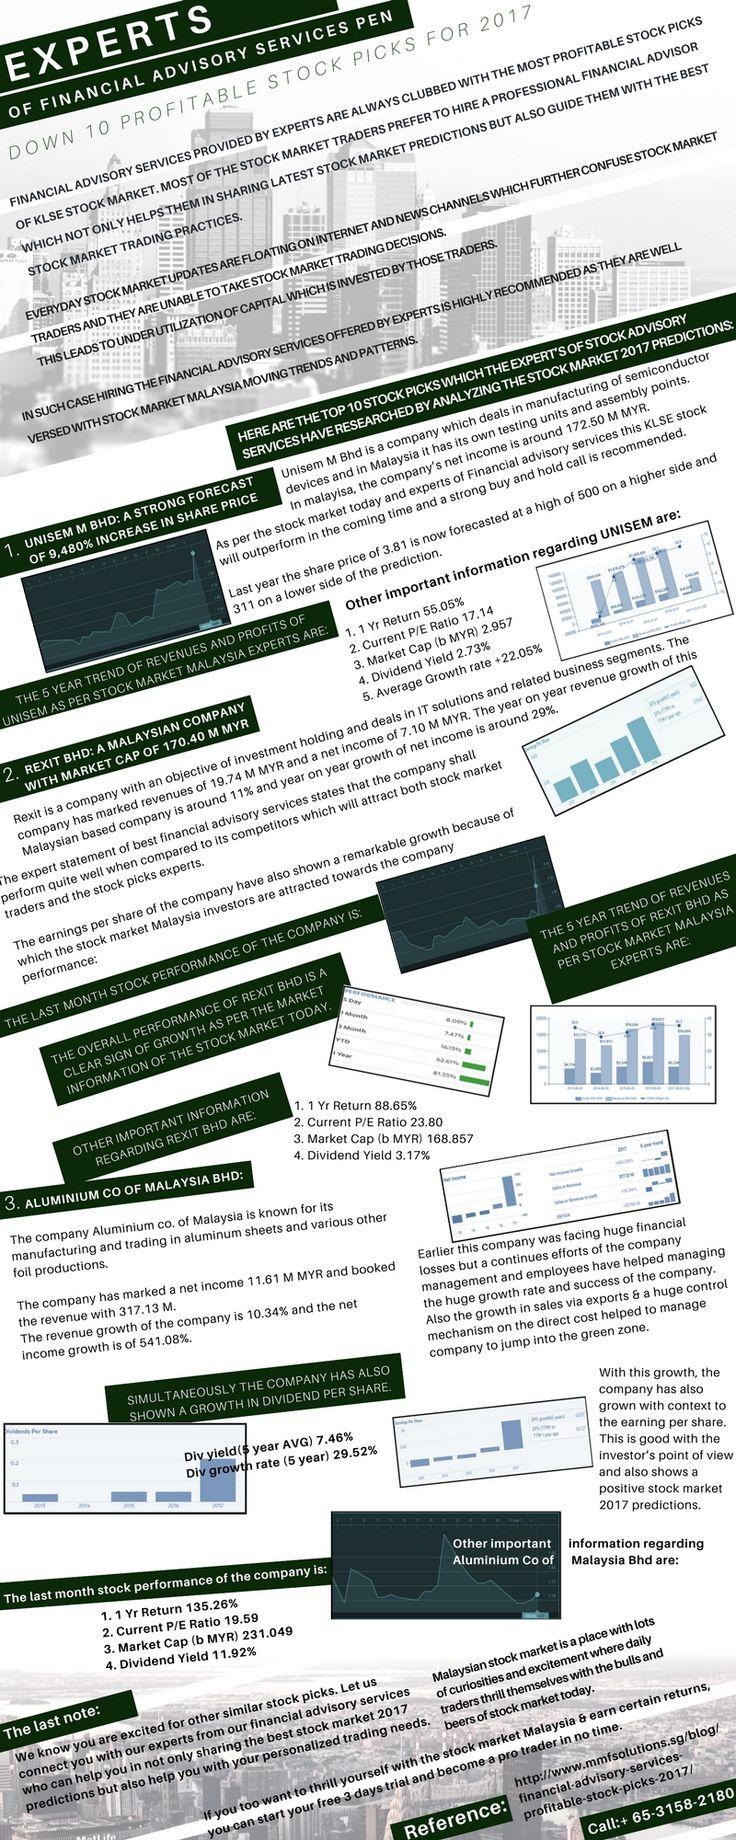 10 Profitable Stock Picks For 2017 - www.mmfsolutions.sg